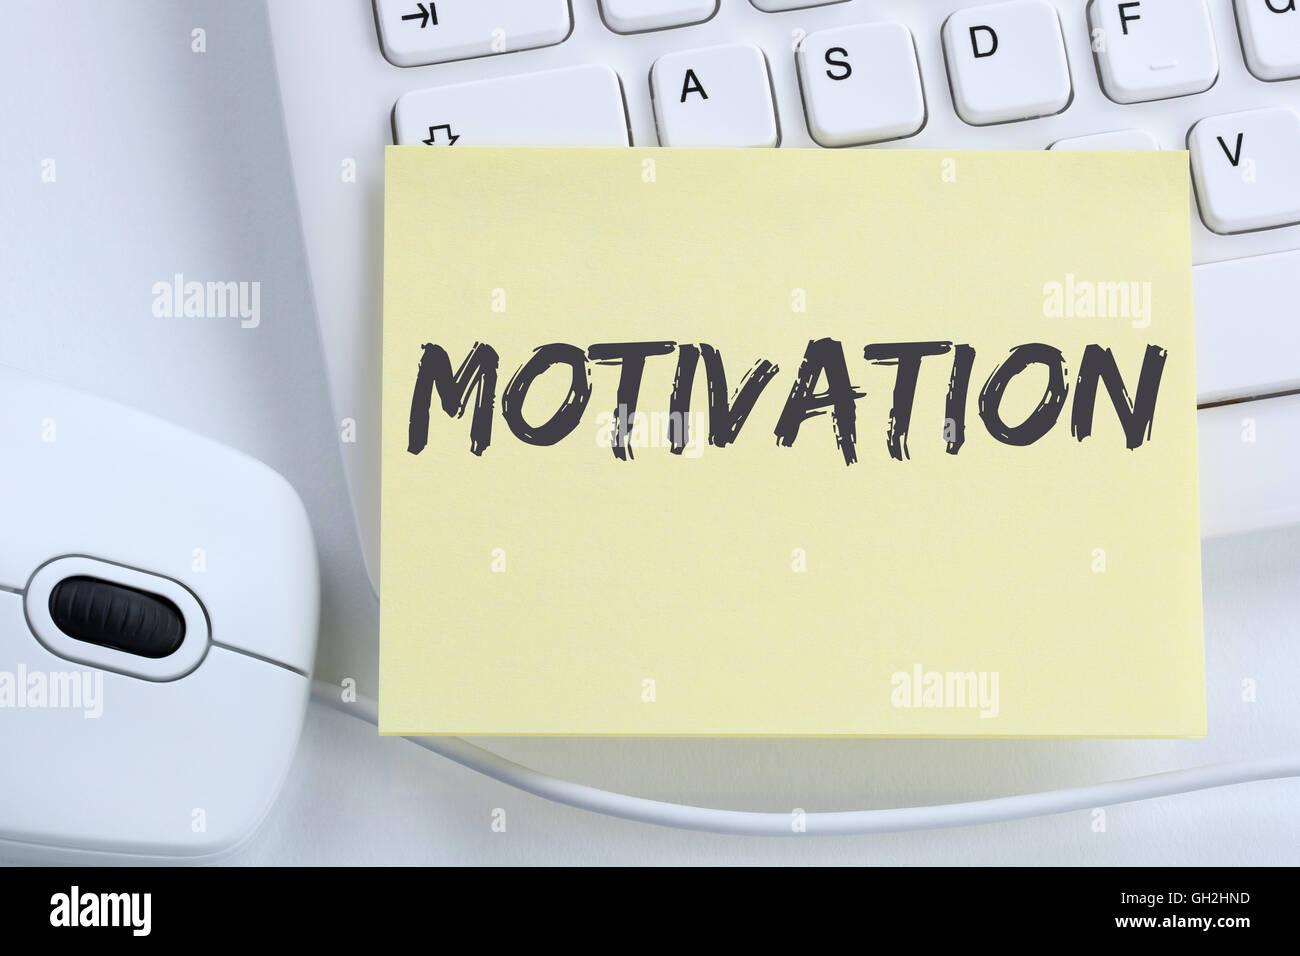 Motivation Strategie Coaching Ausbildung Erfolg Erfolgreichen Buro